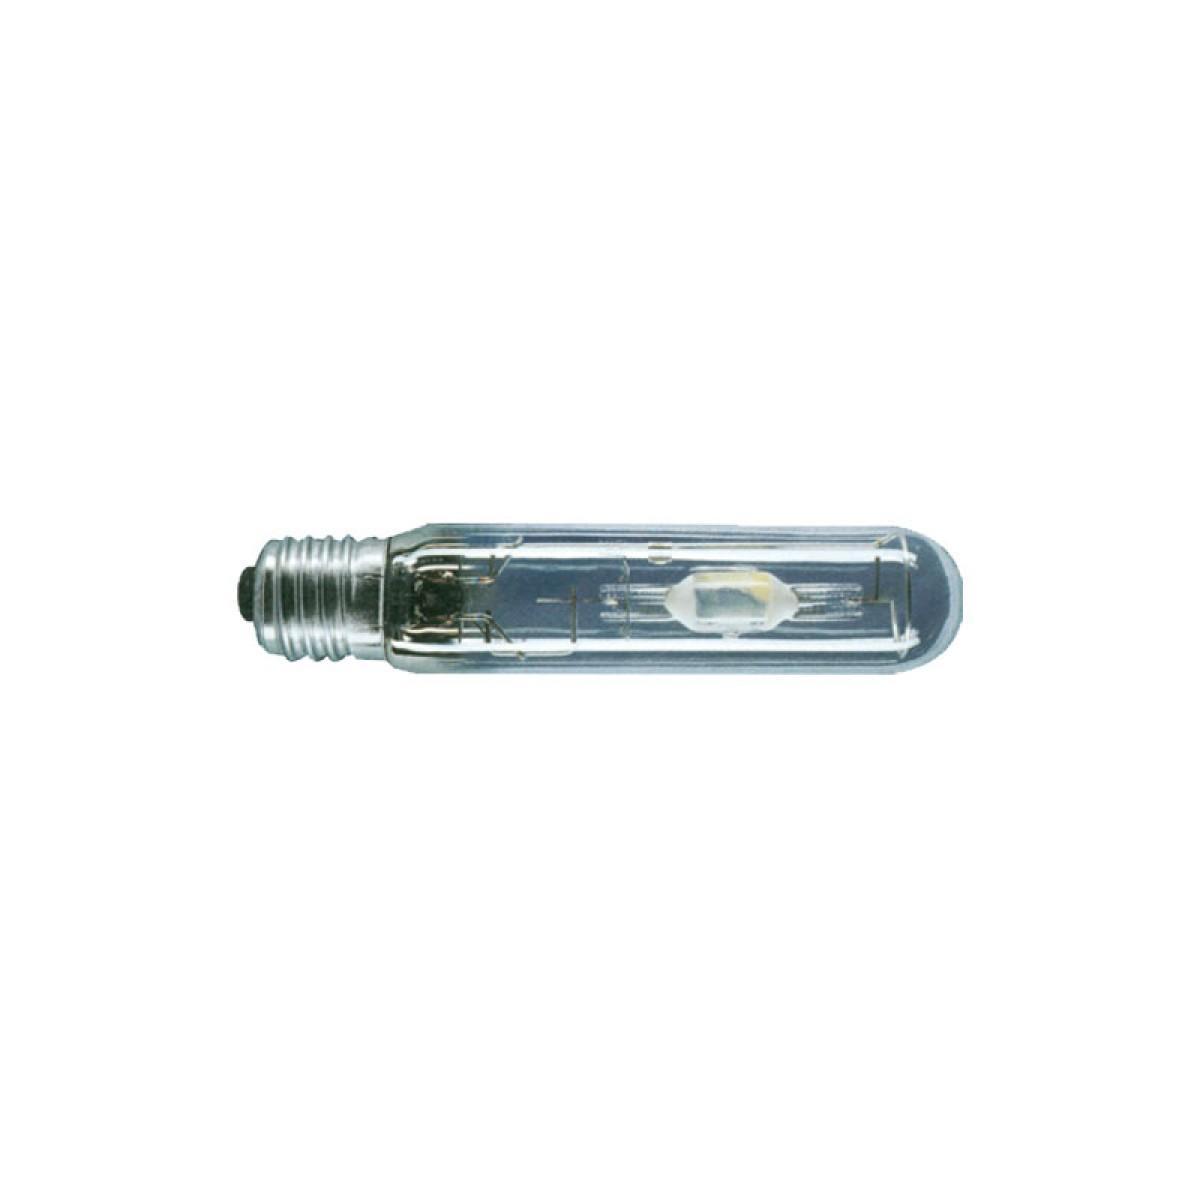 METALICOS LAMPARA 400W AZUL E40 VENTURE ALOGENUROS wmN80Ovn